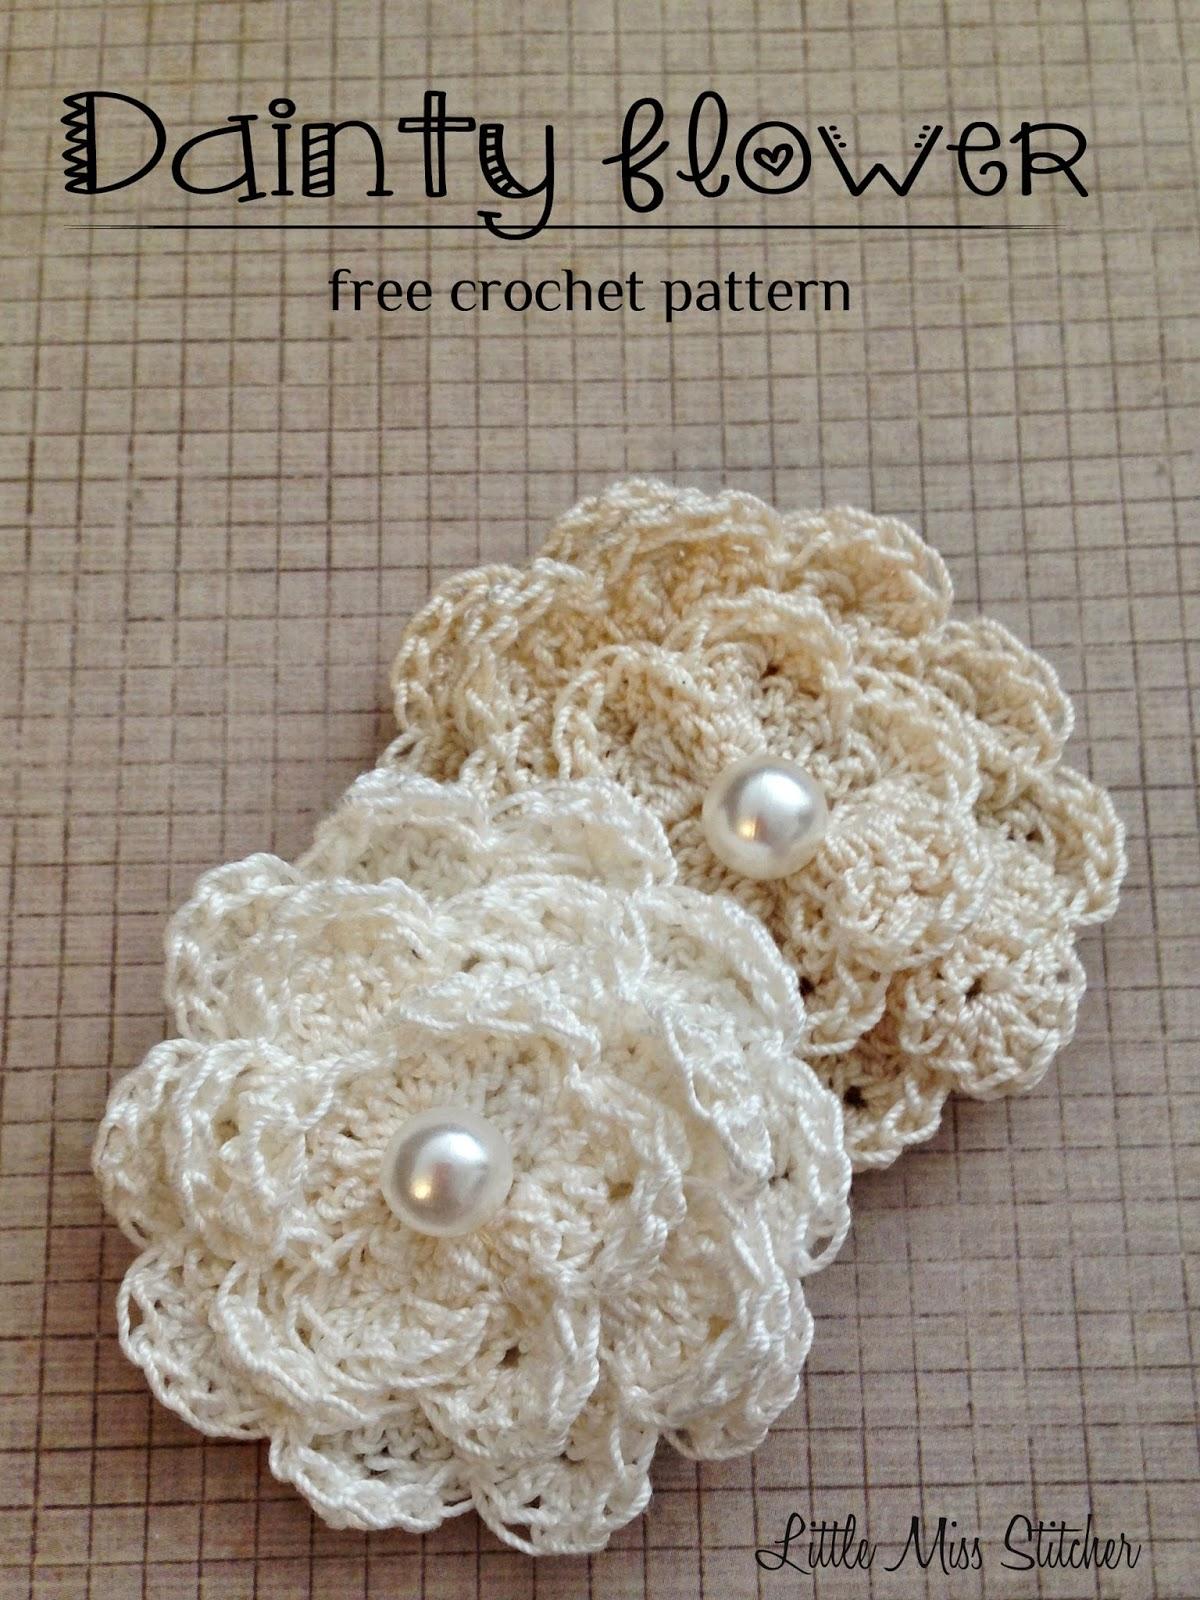 Dainty Crochet Flower Free Pattern 2